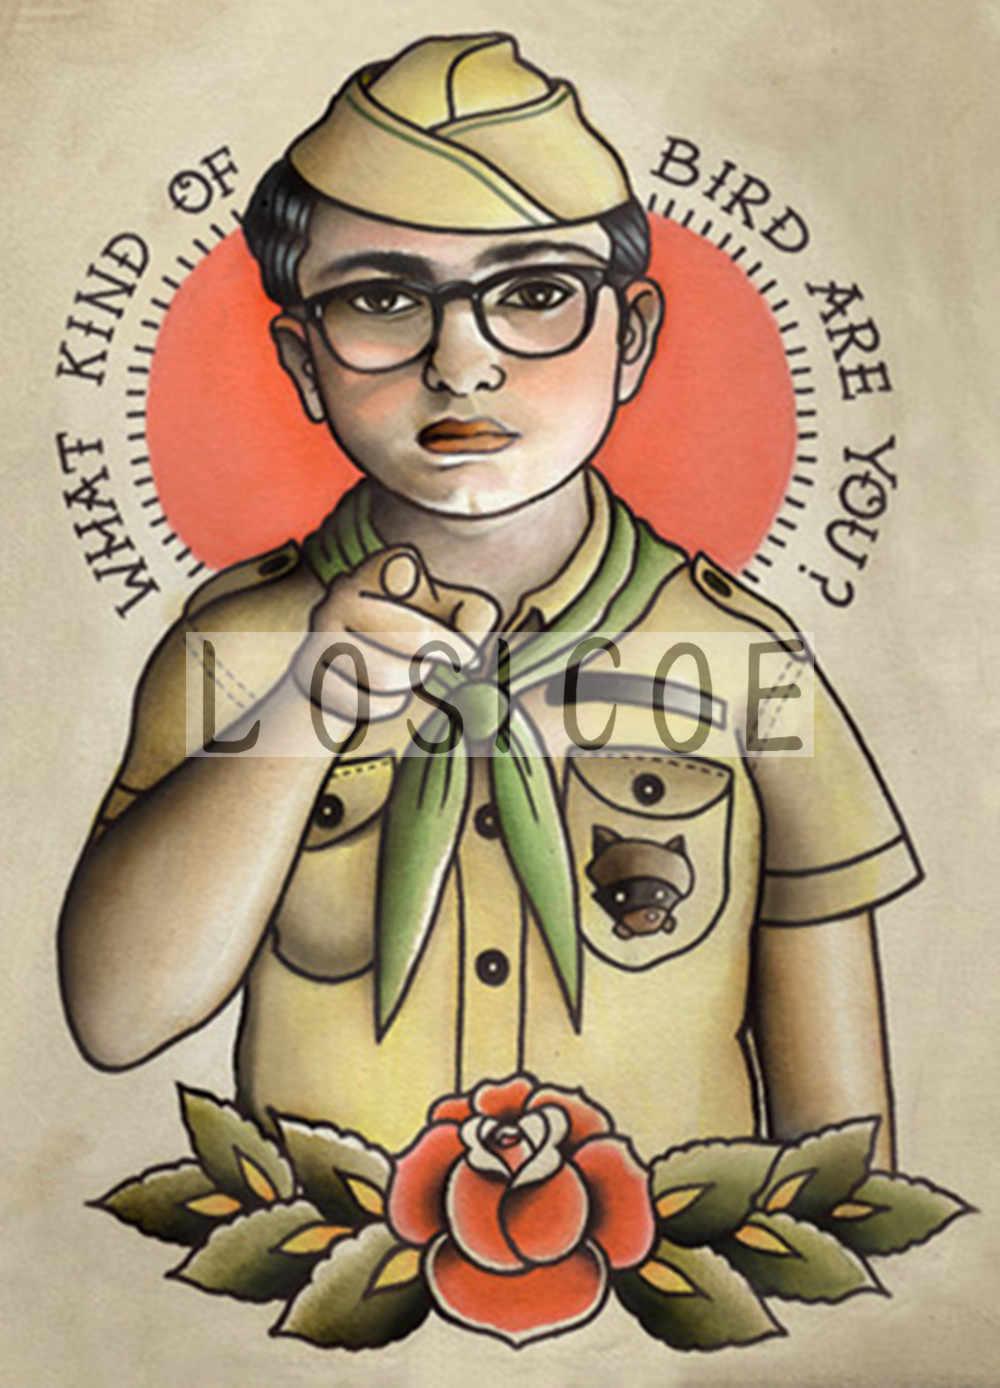 Diseño de tatuaje creativo pósteres pegatina de pared 30X42 CM nostalgia retro papel kraft HD impresión de inyección de tinta arte decoración del hogar E